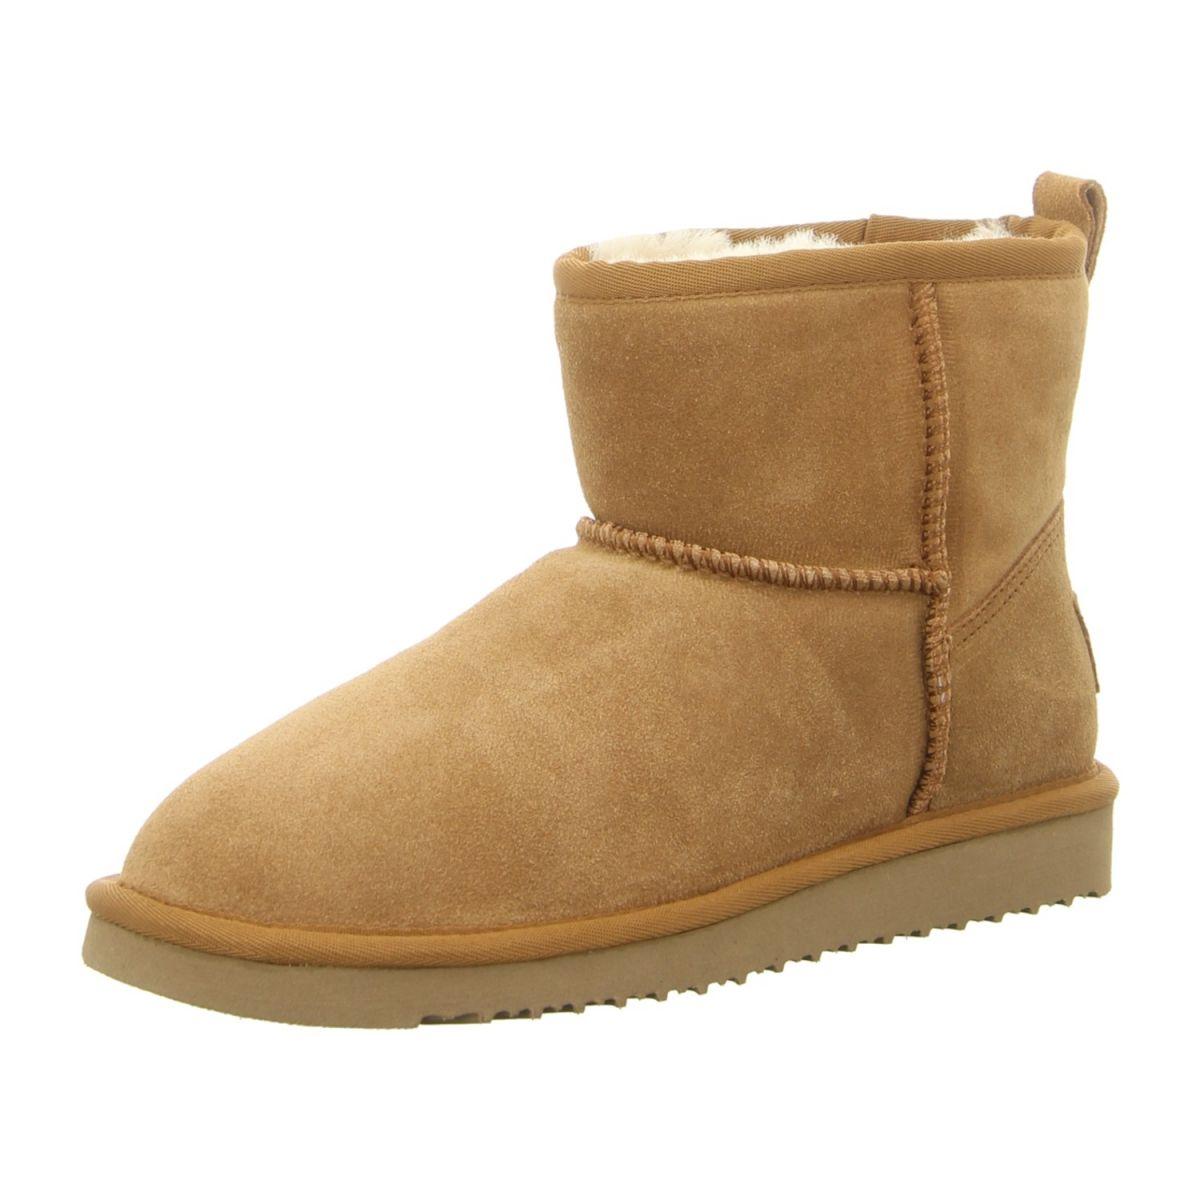 Black Schuhe Stiefelette 264 532 CHESTNUT chestnut (braun) NEU